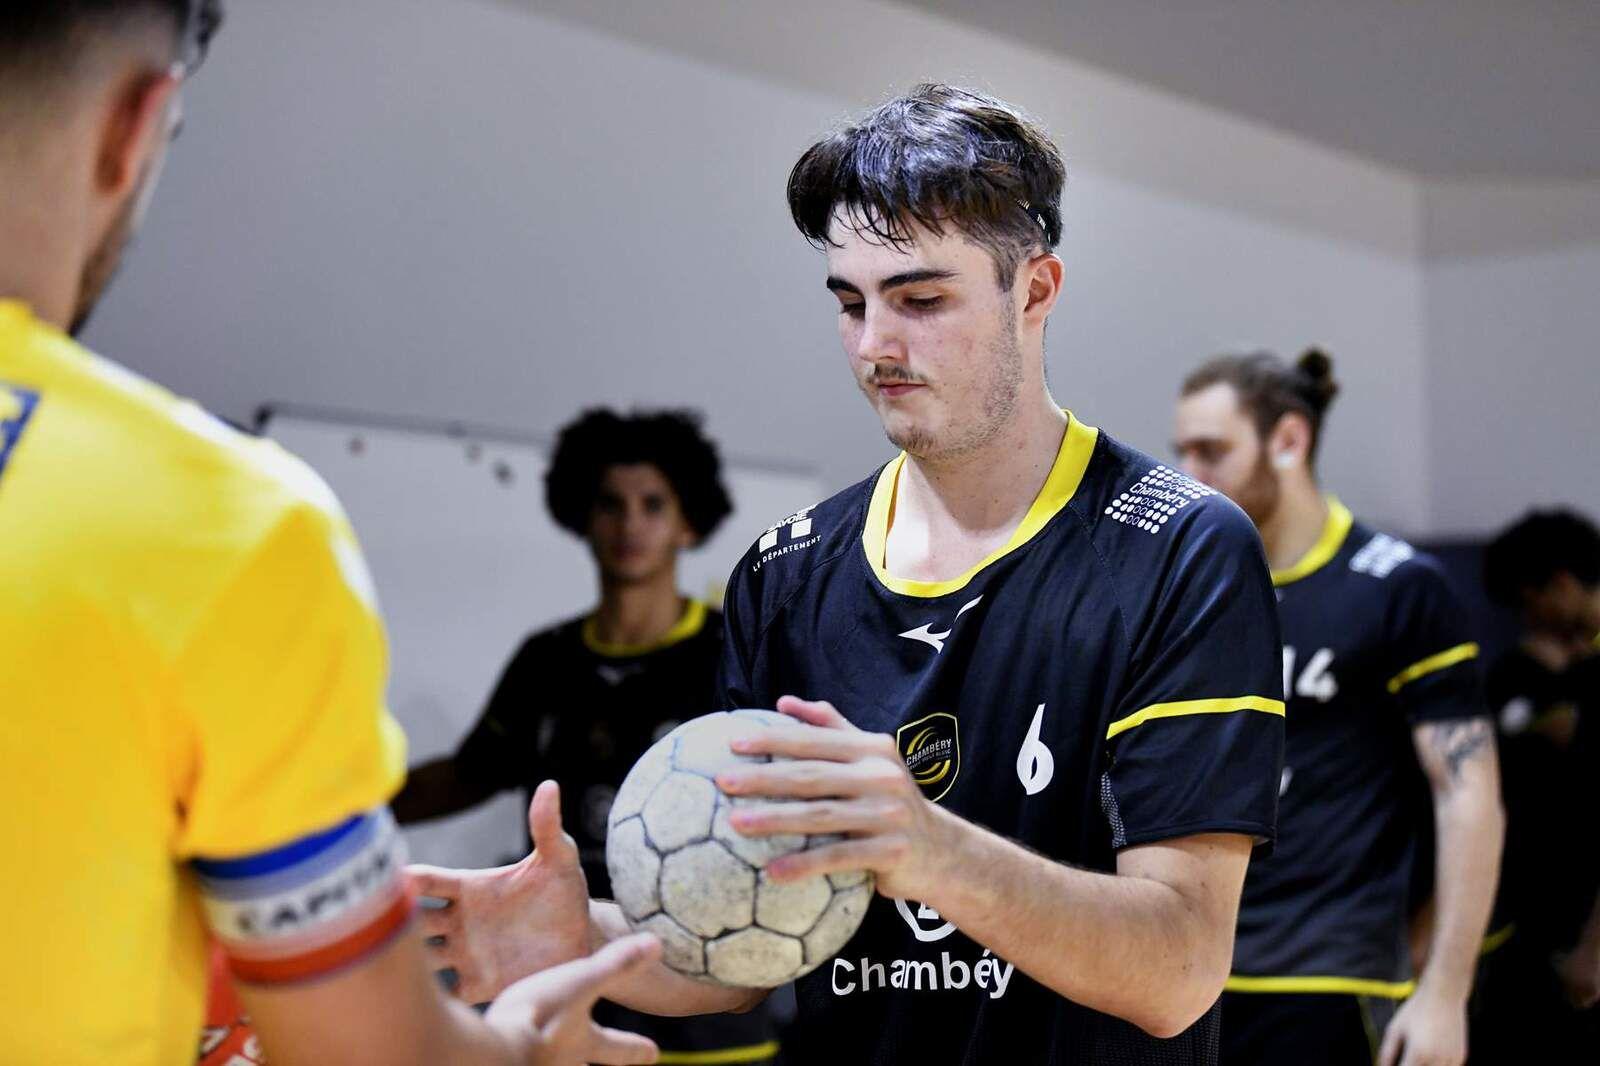 N1M Pour Gauthier BONNISSOL la Team CHAMBERY fait partie des top5 Français, mieux le connaître